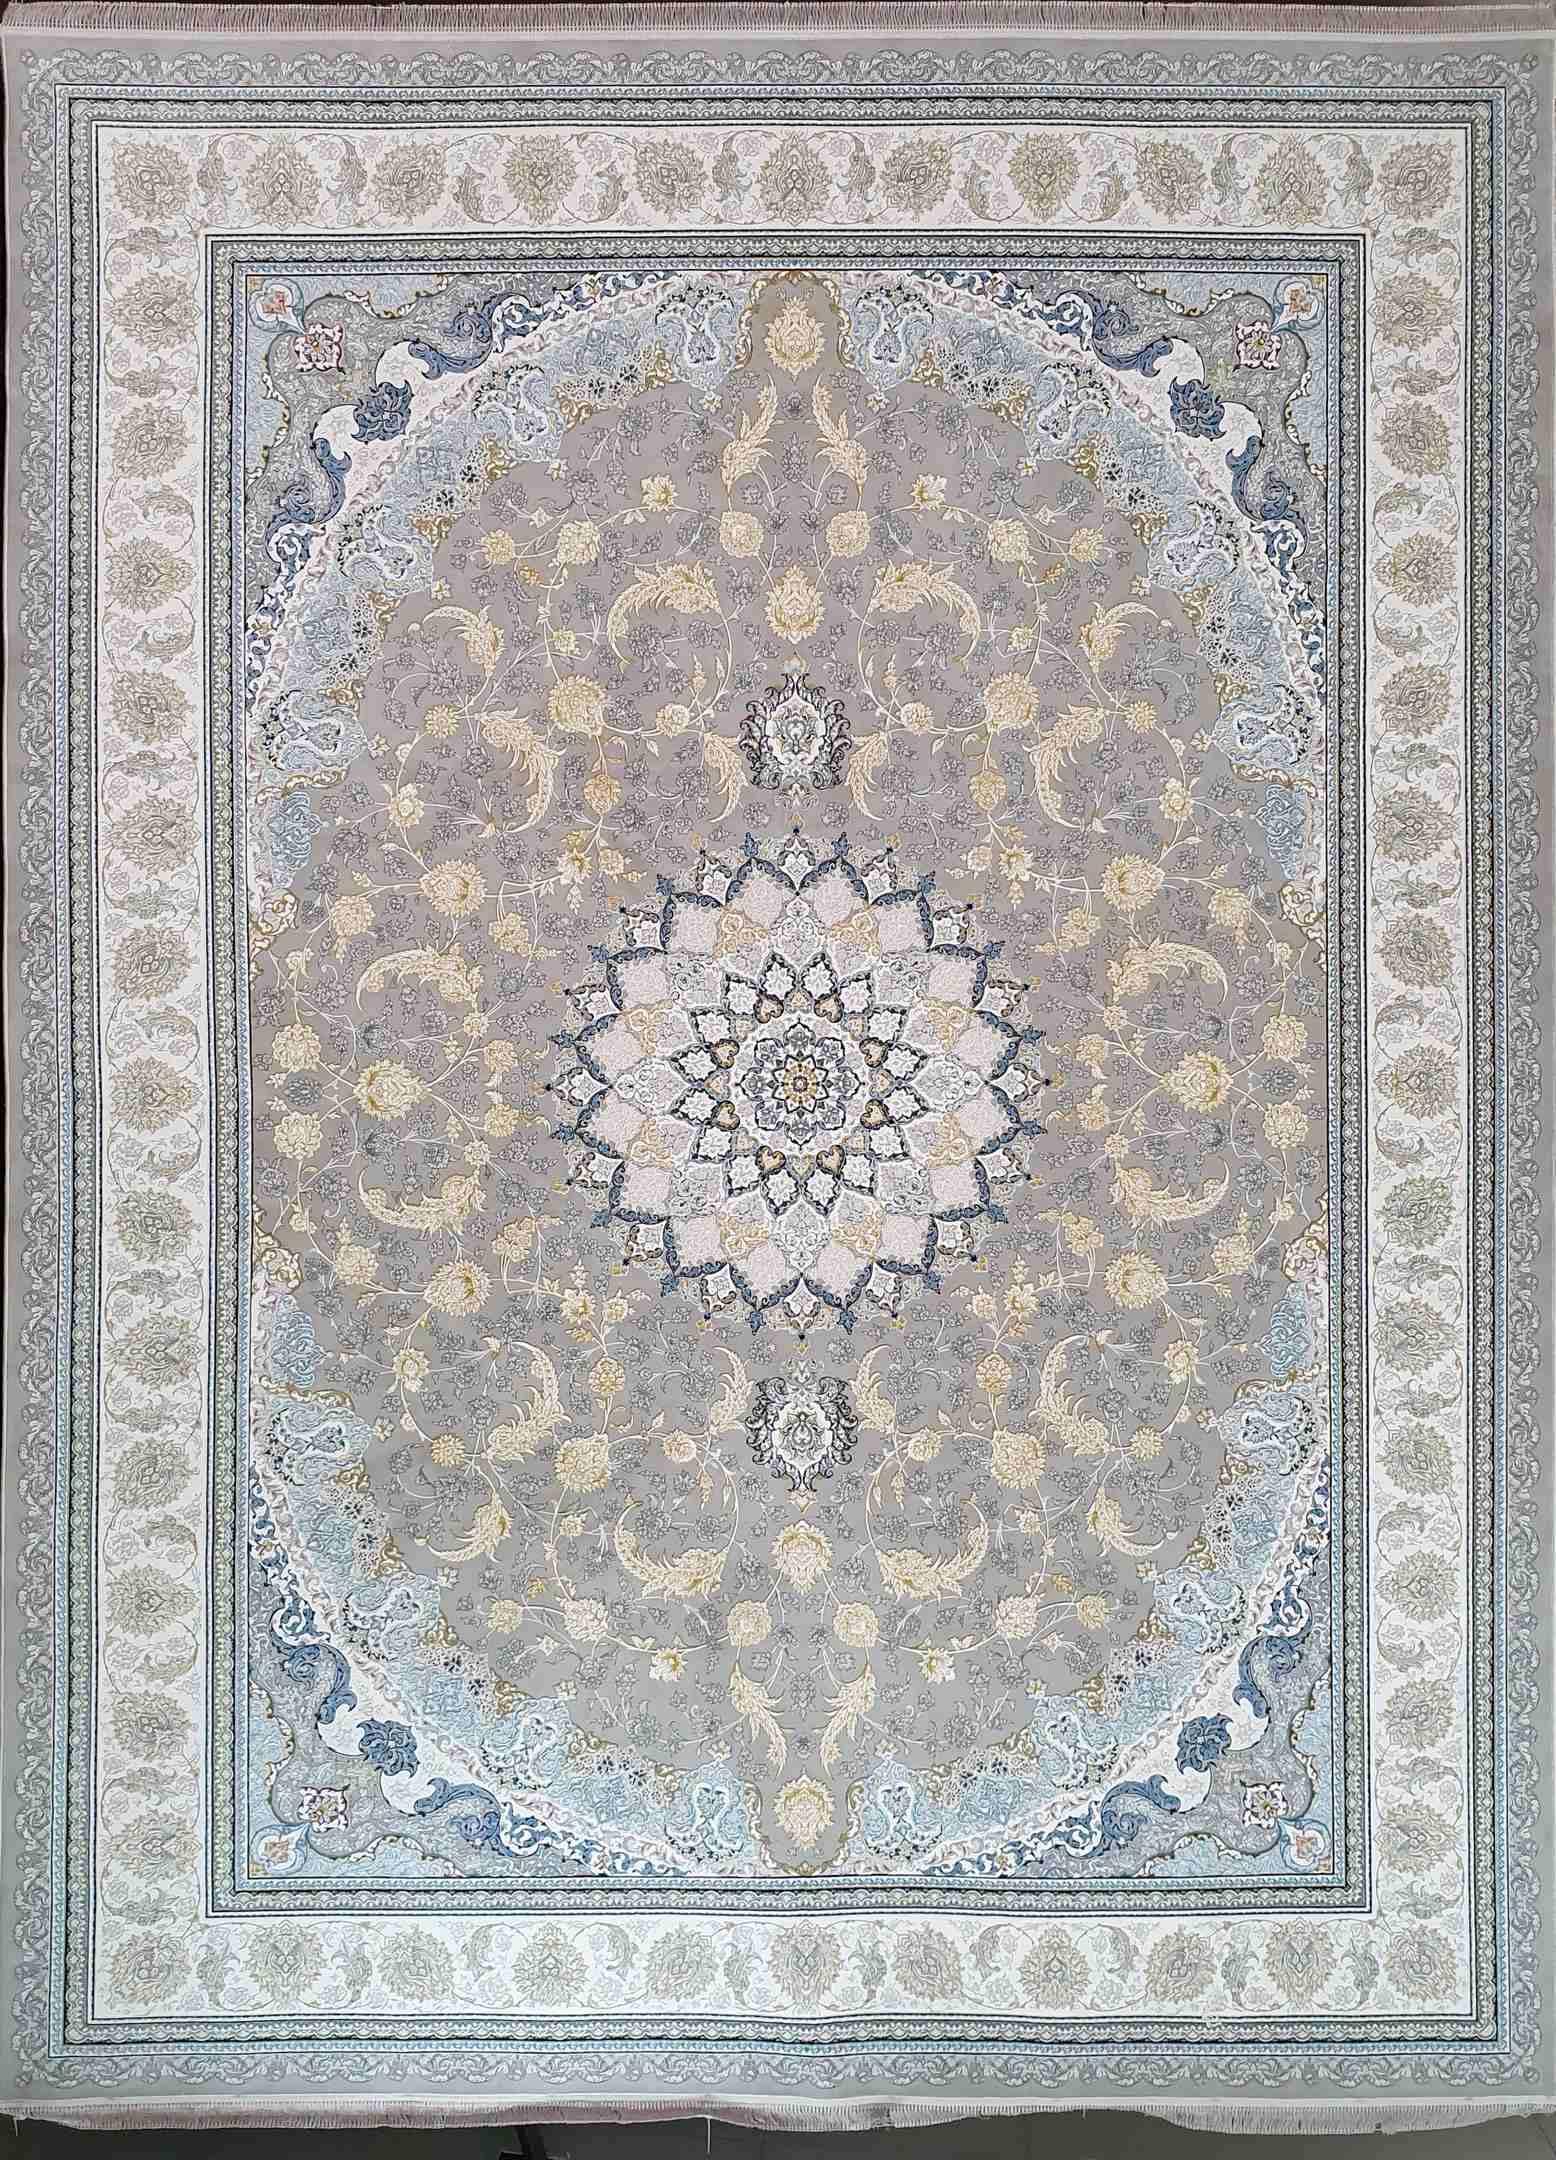 فرش  1200 شانه نقشه اصفهان گلبرجسته رنگ فیلی